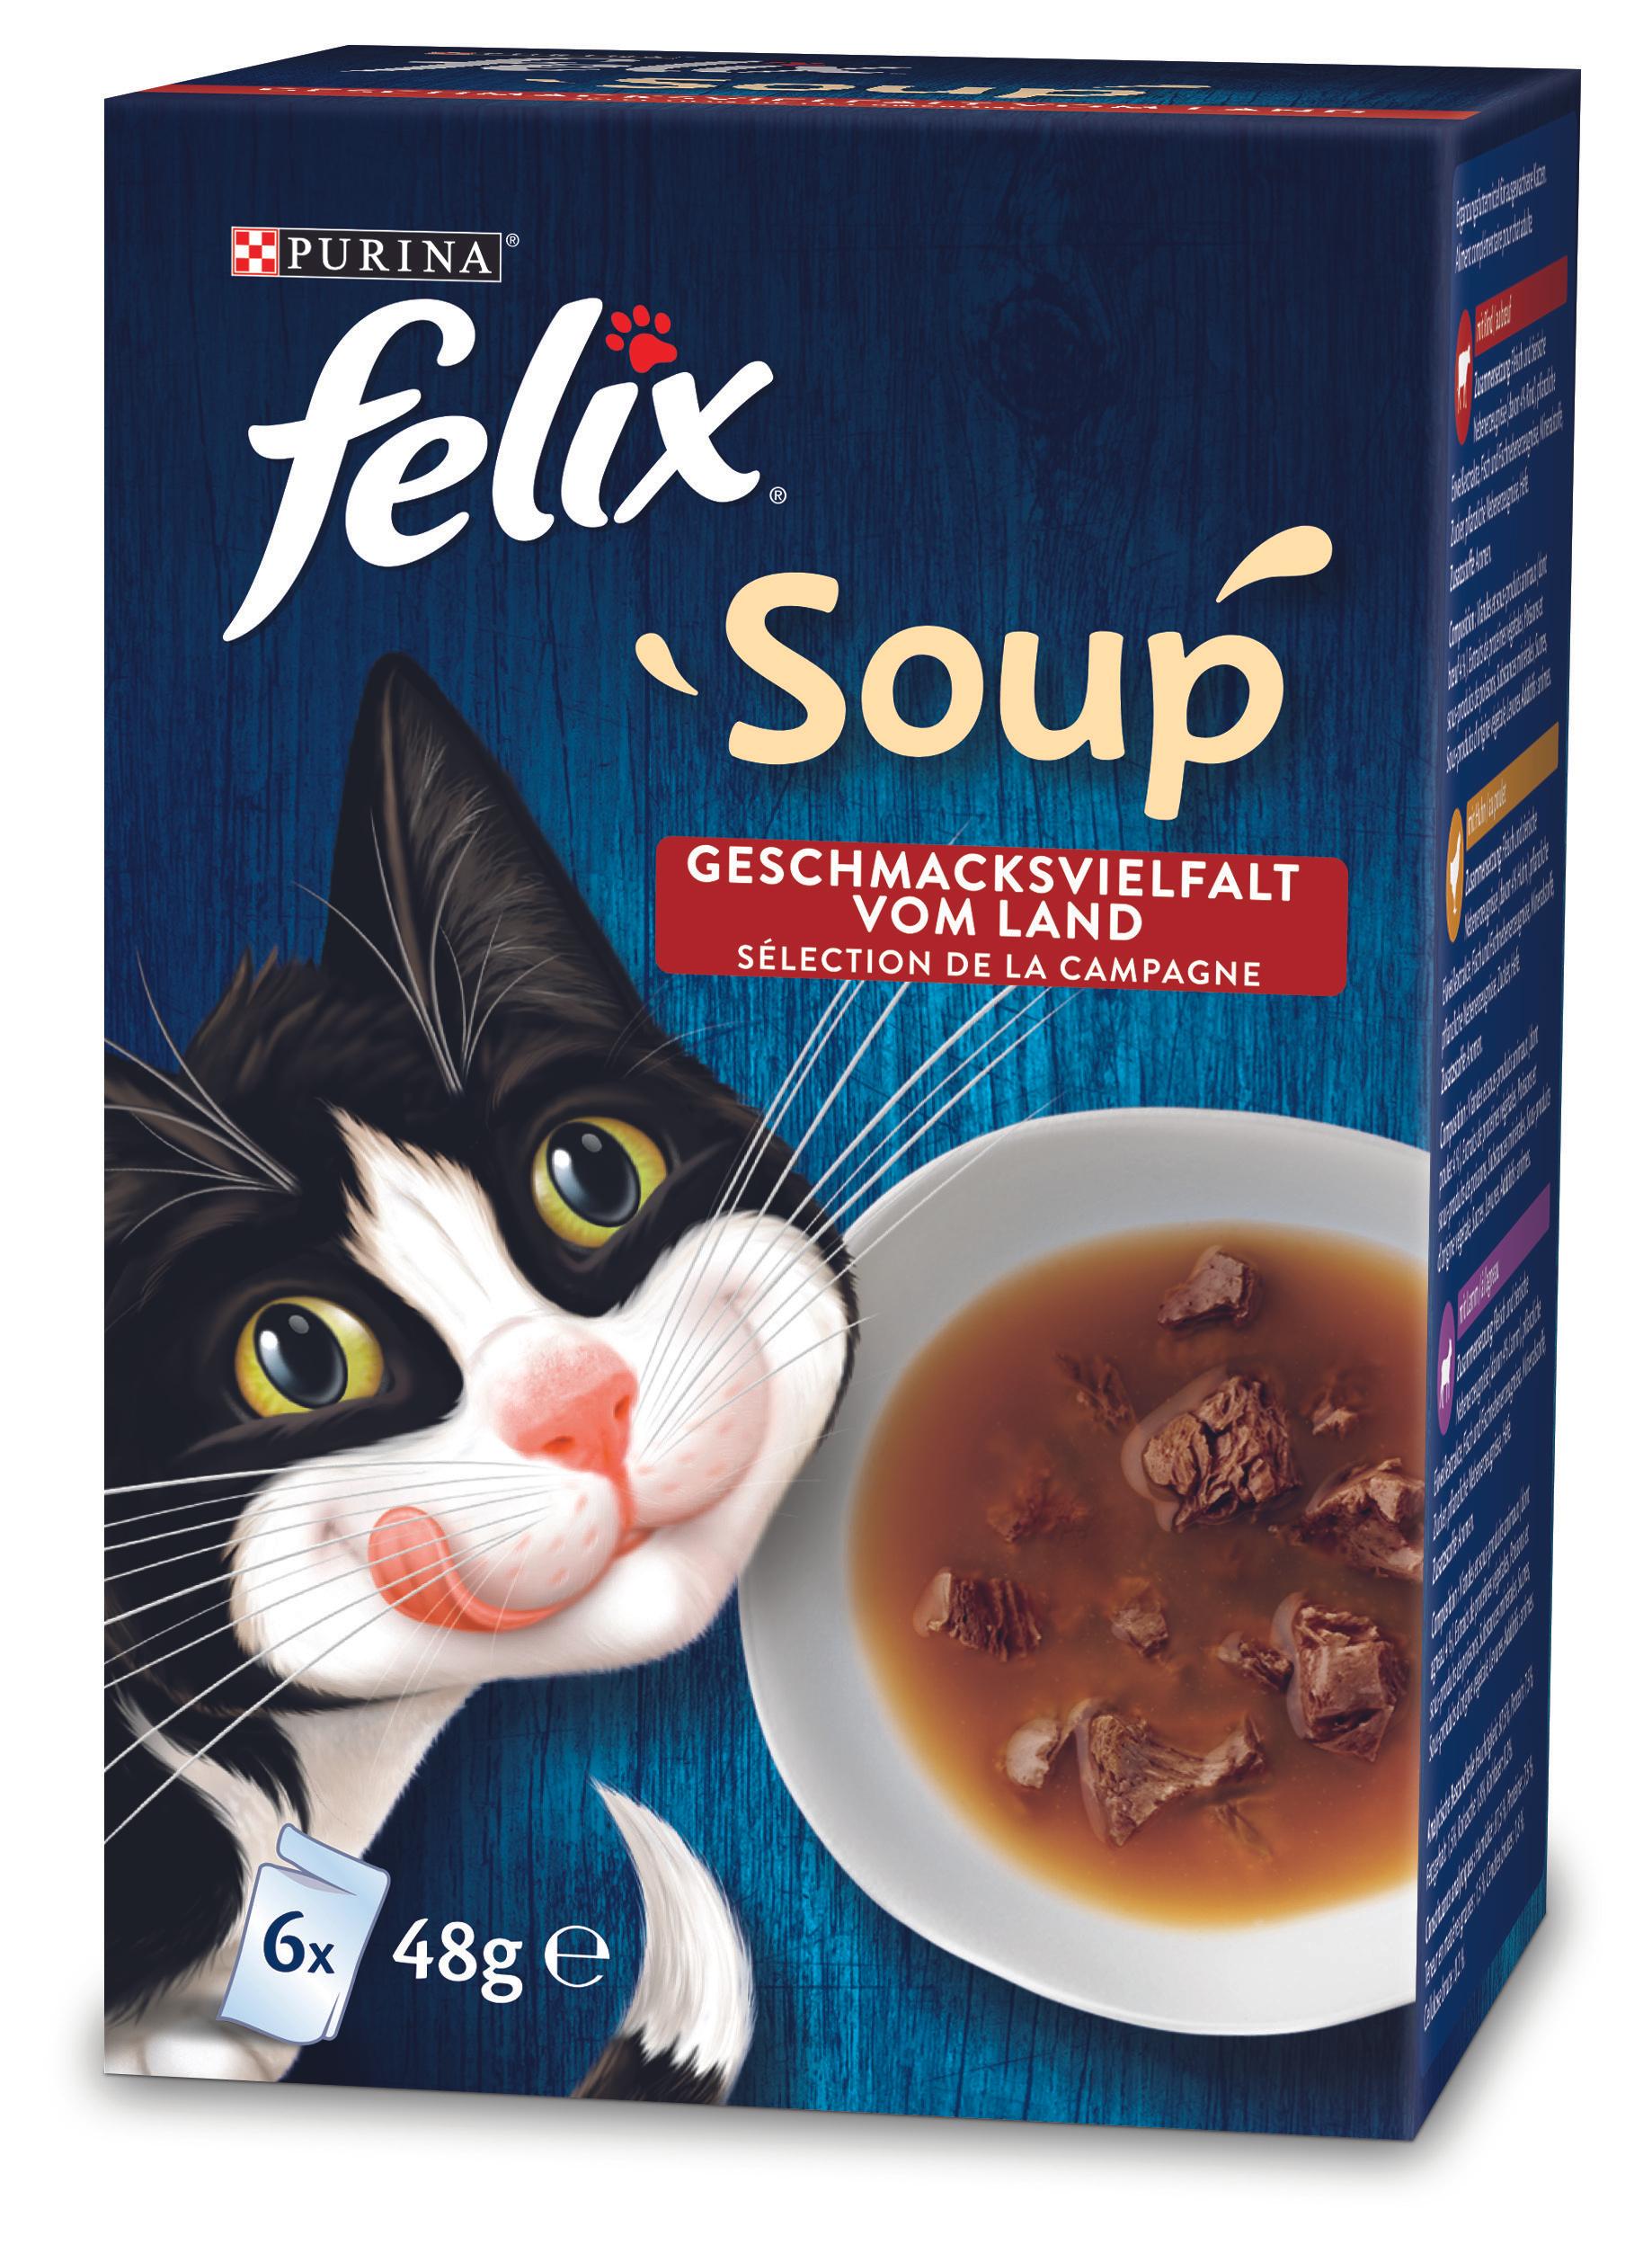 Sélection de produits Felix en promotion - Ex: Felix Soup 6x48g (Diversité mélangée)